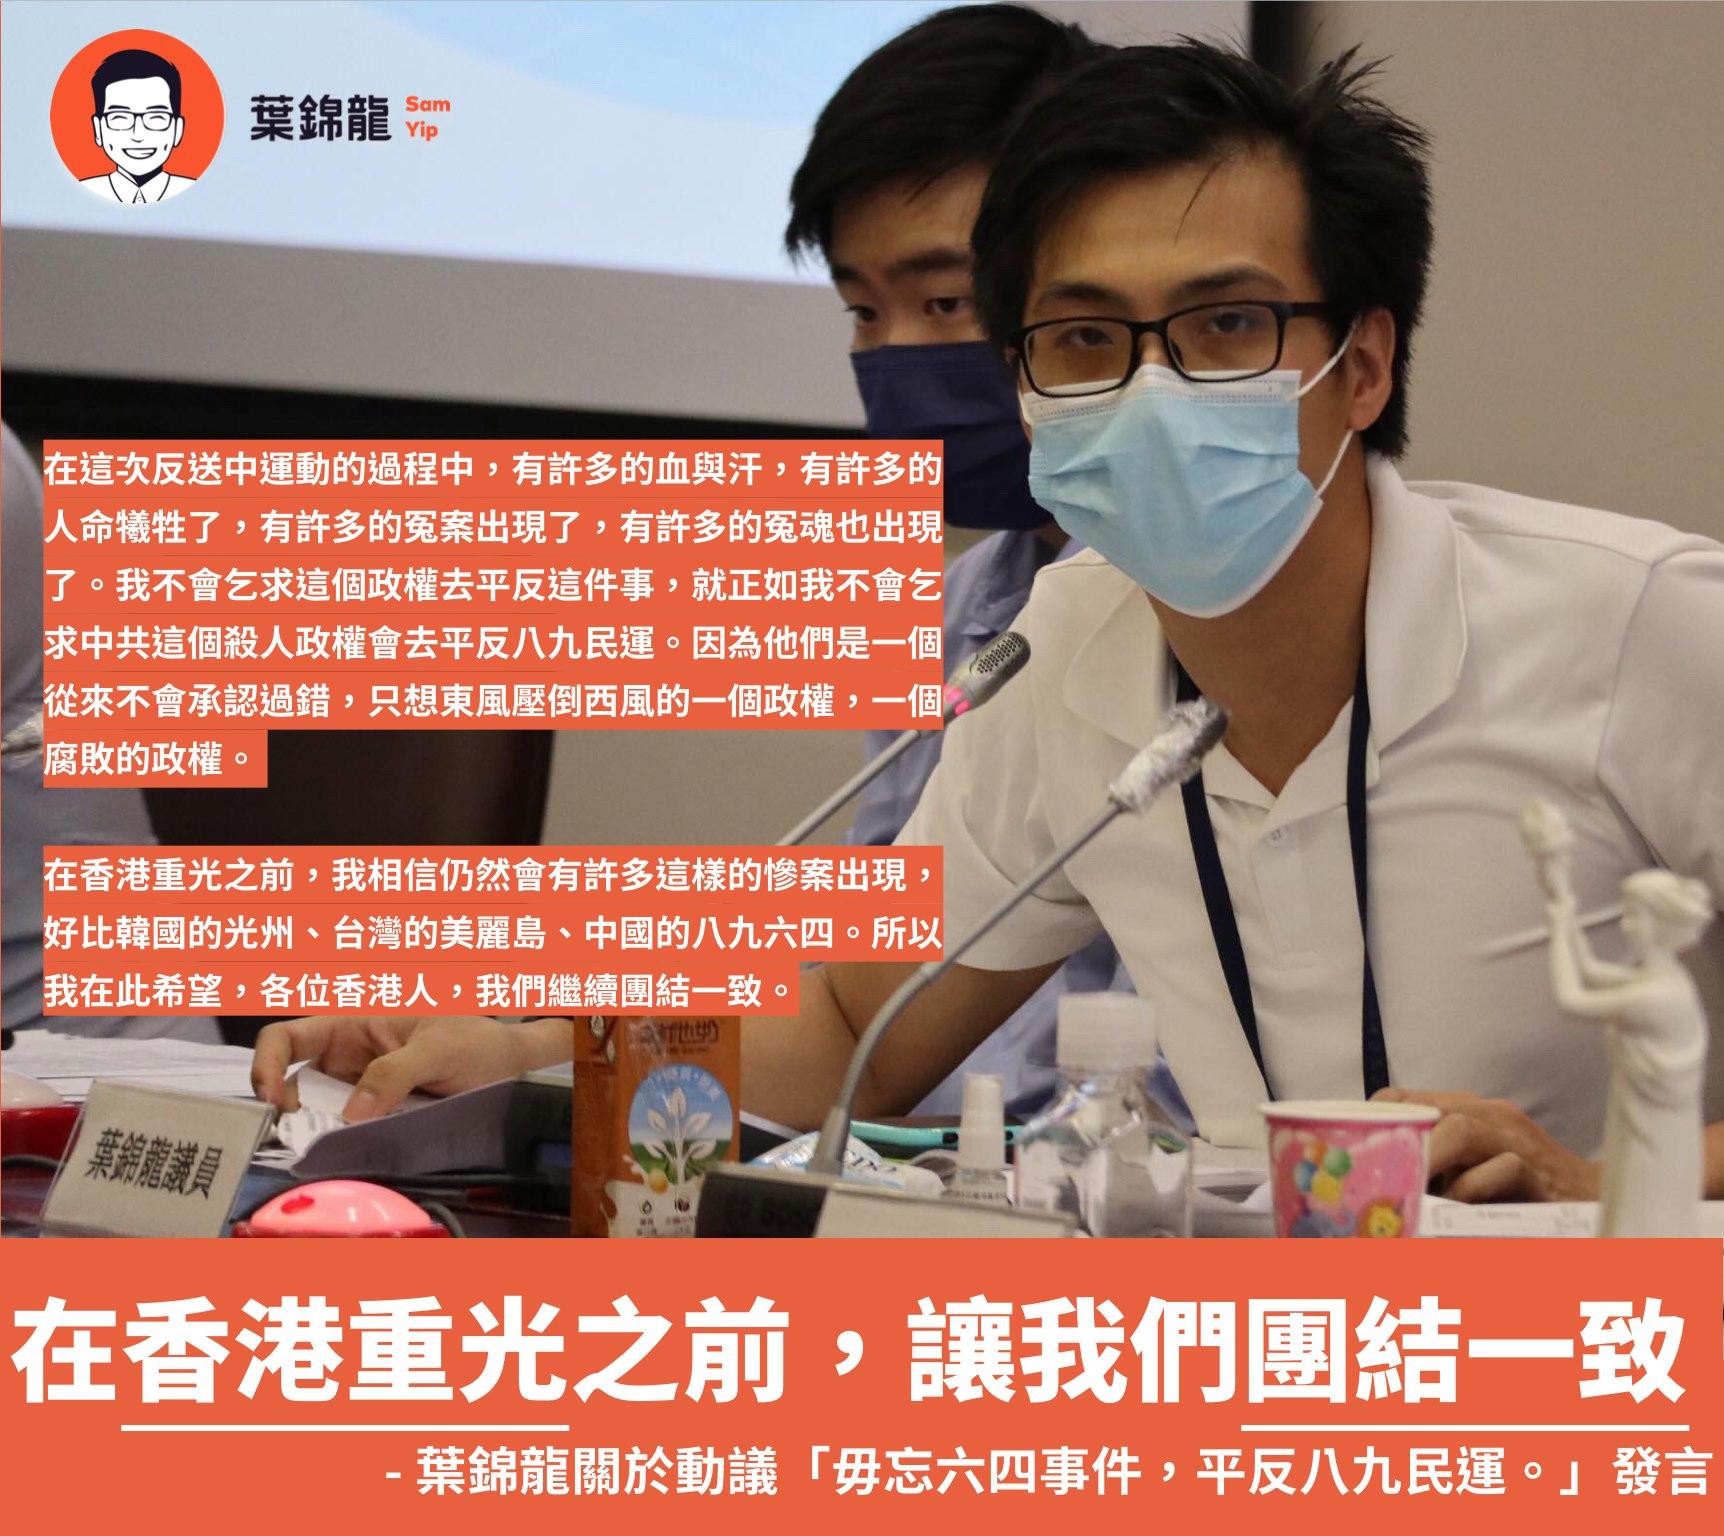 【在香港重光之前,讓我們團結一致 – 葉錦龍關於動議「毋忘六四事件,平反八九民運。」發言】